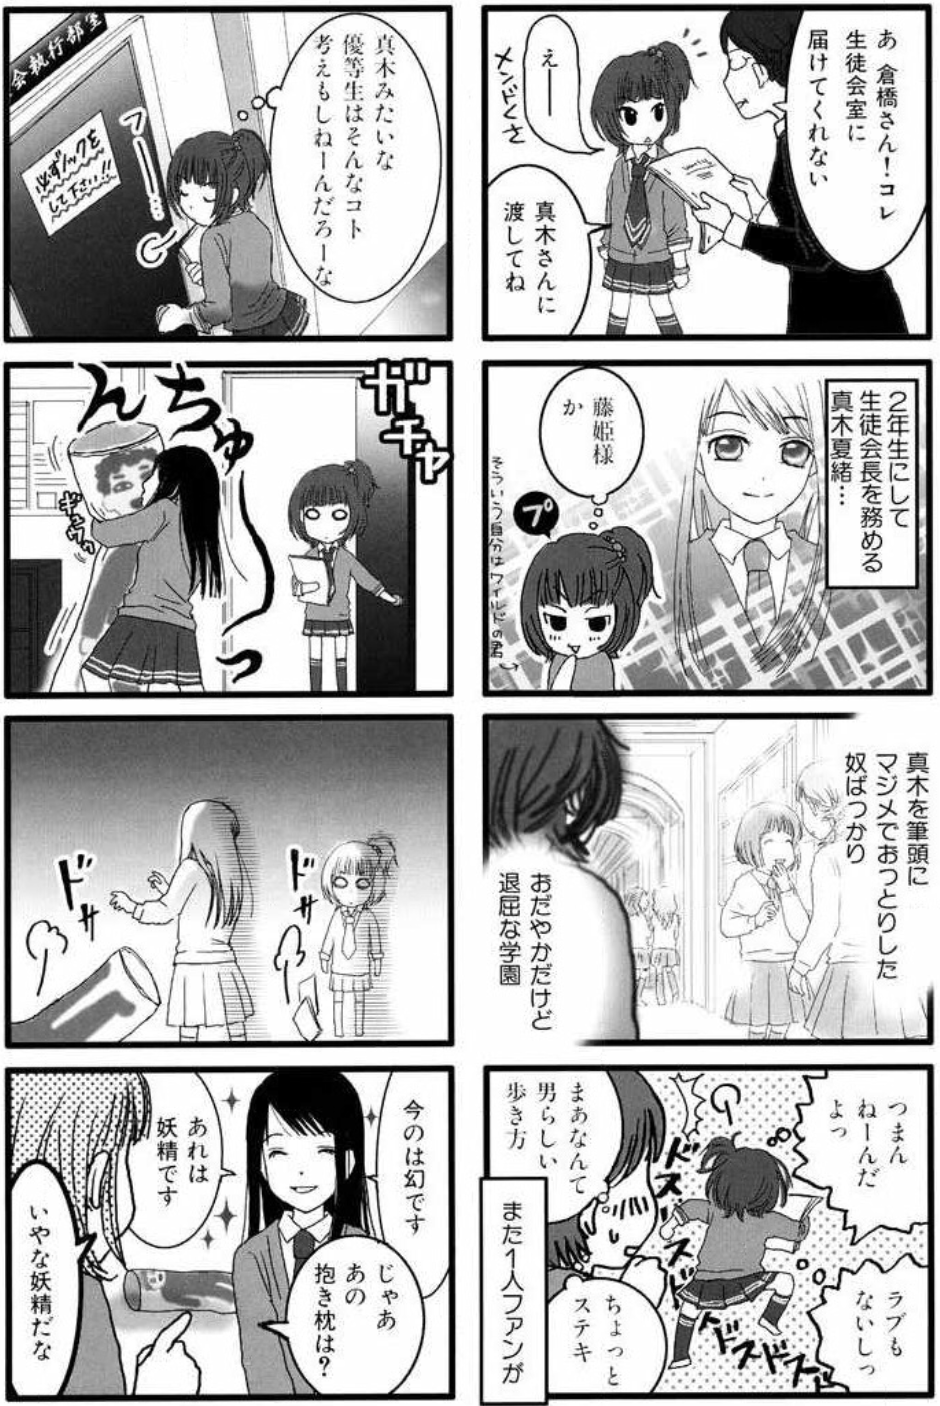 漫画『恋愛ラボ』【あらすじ】